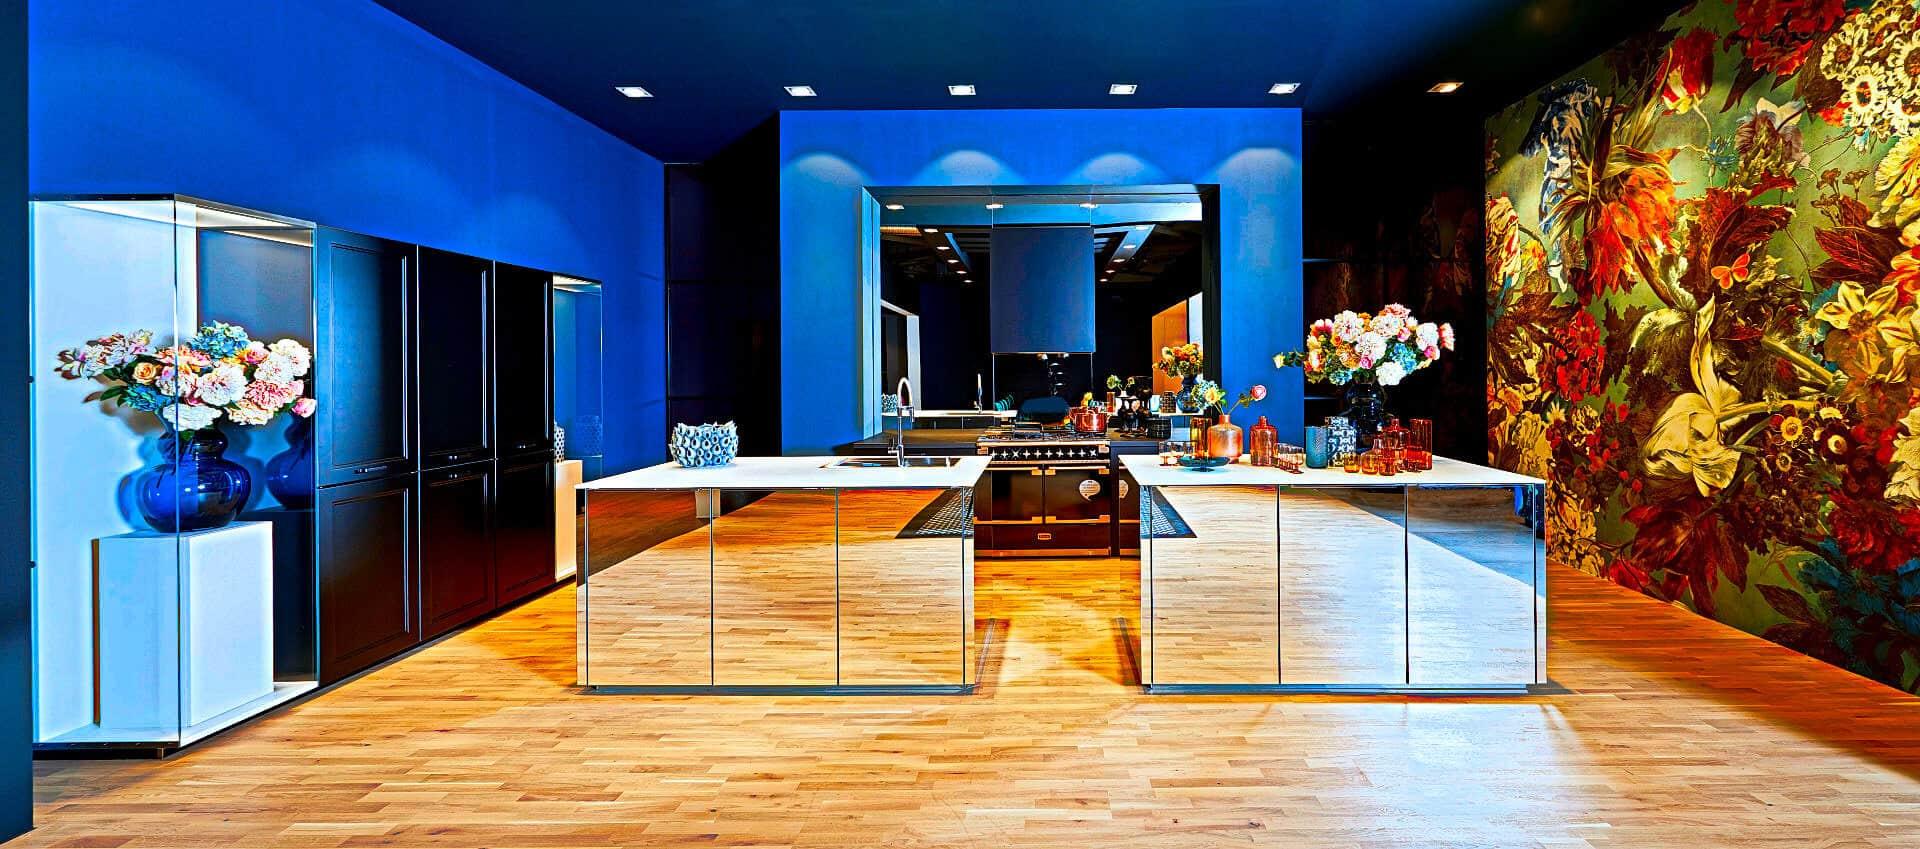 Glas Kuche Preiswerte Glas Kuchen Kuchenborse 030 609 84 80 88